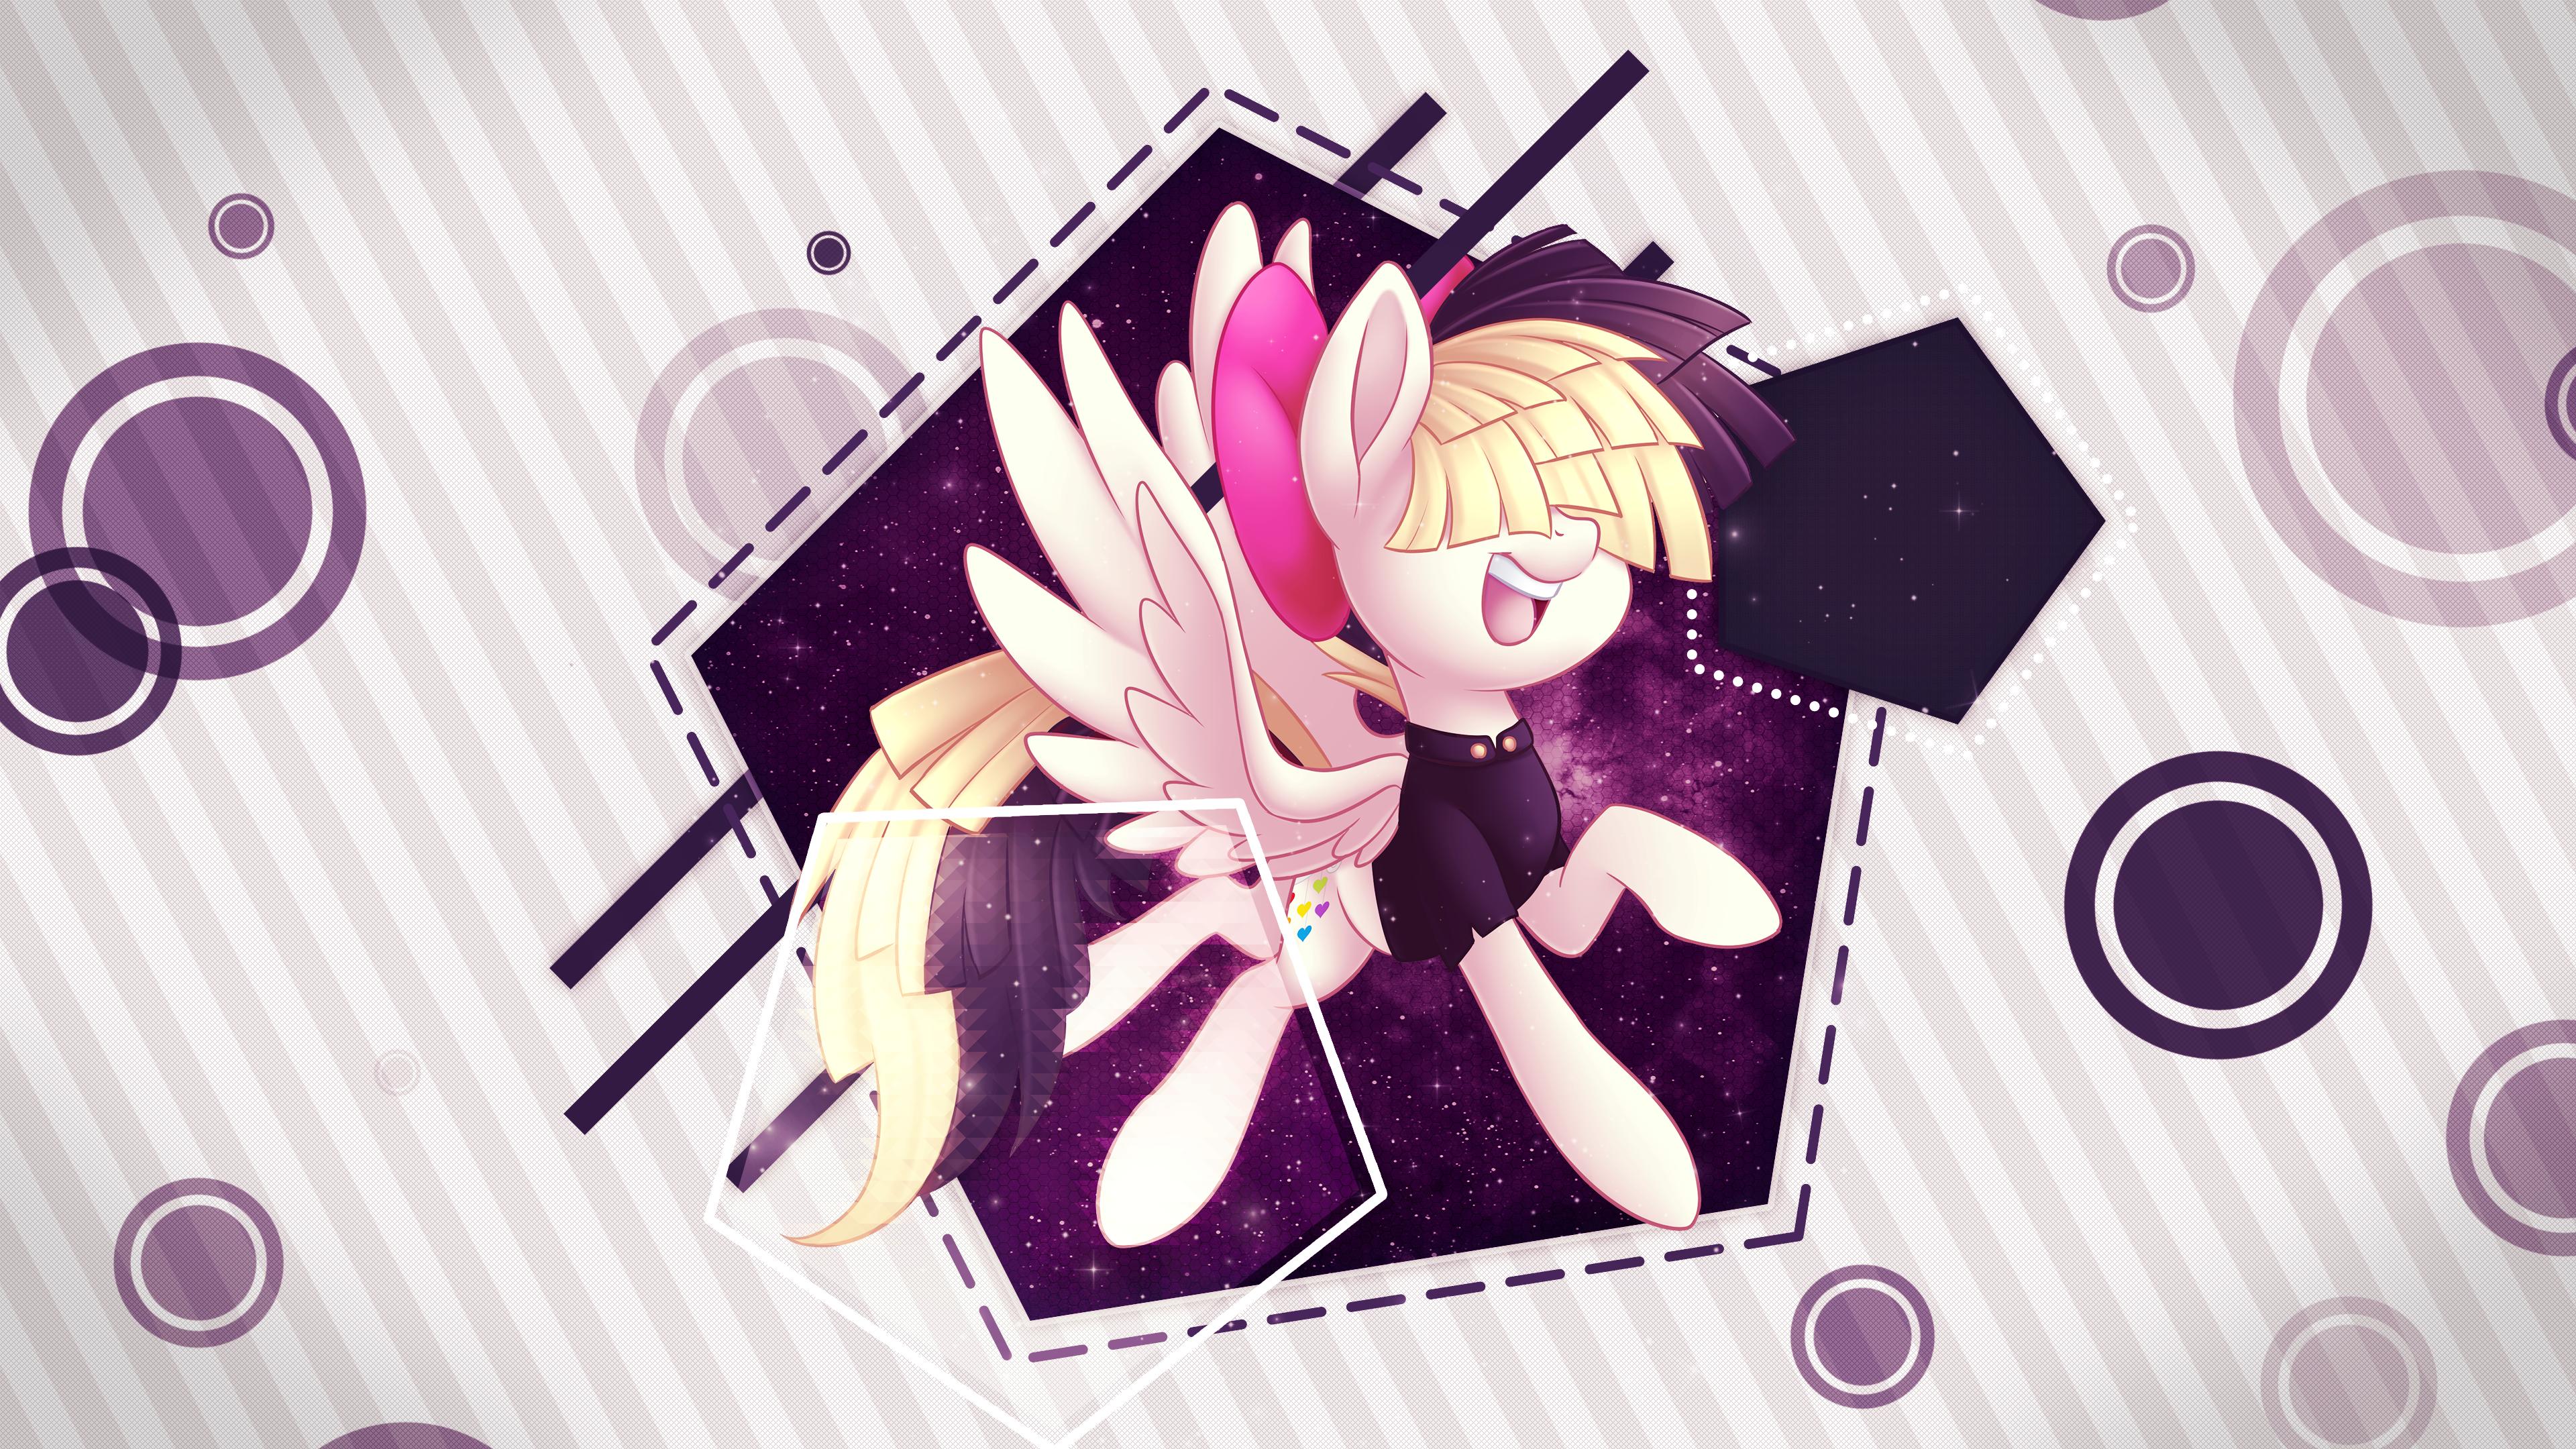 [Wallpaper] Songbird Serenade